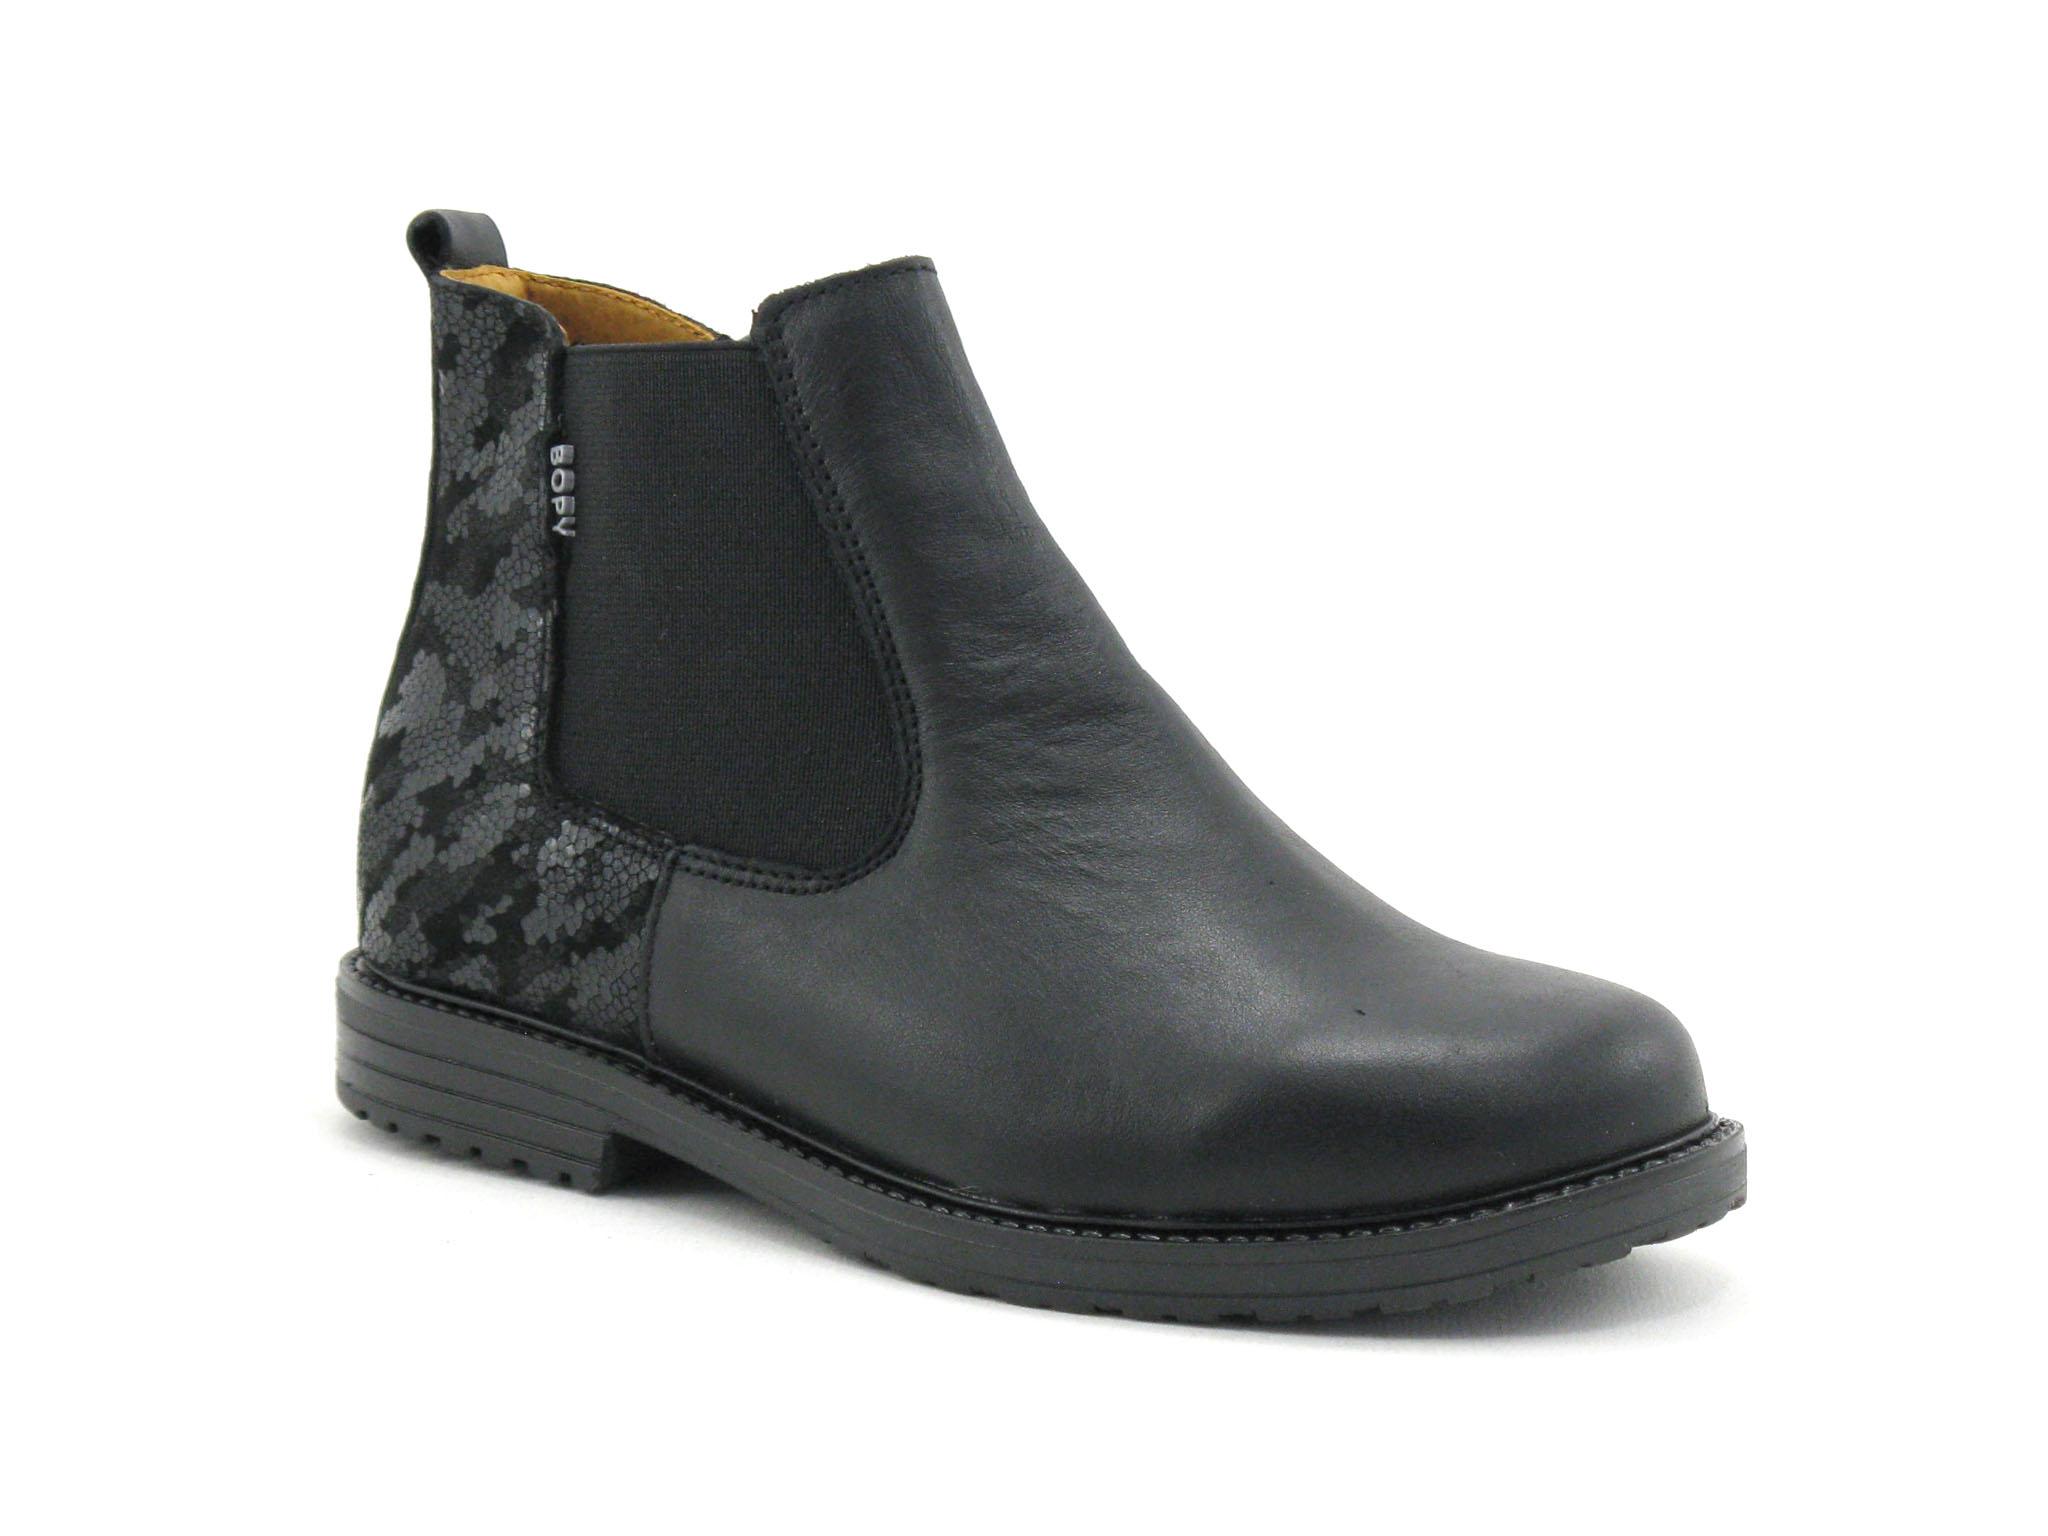 Achat chaussures Dockers Enfant Botte et Bottillon, vente